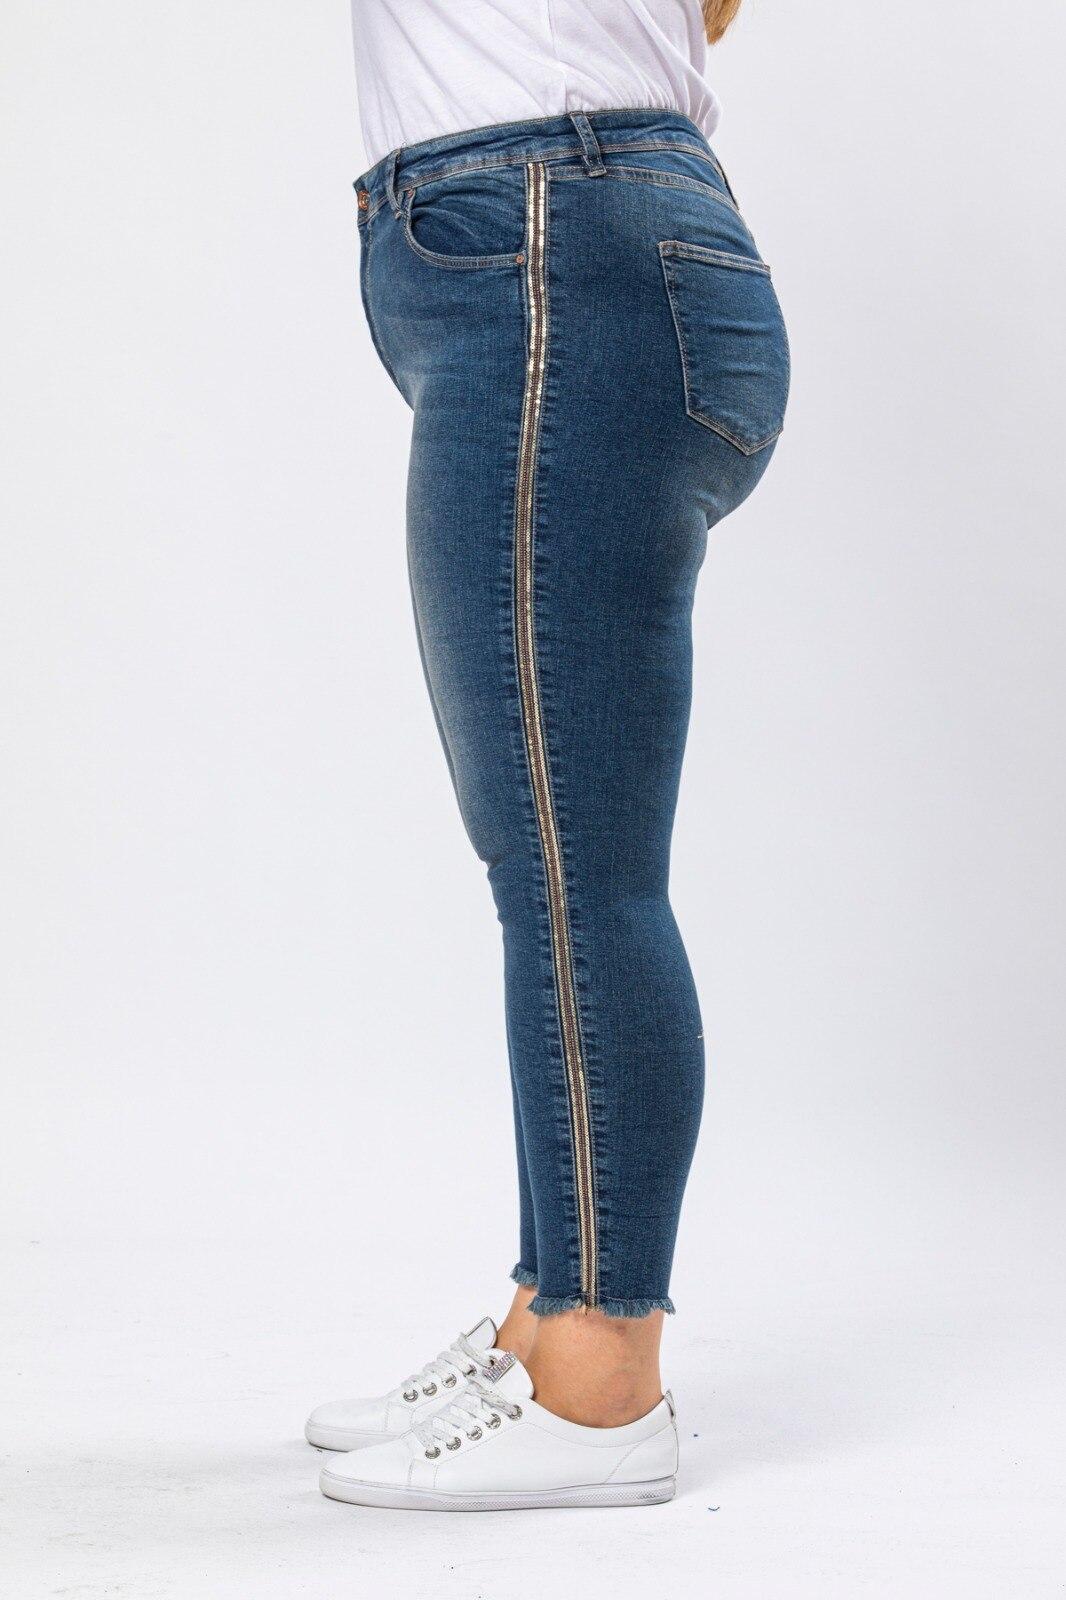 سراويل دينم ضيقة تفاصيل شريط جانبي بخصر مرتفع مقاسات كبيرة للسيدات من Diaves جينز أزرق جودة تركية موضة الصيف